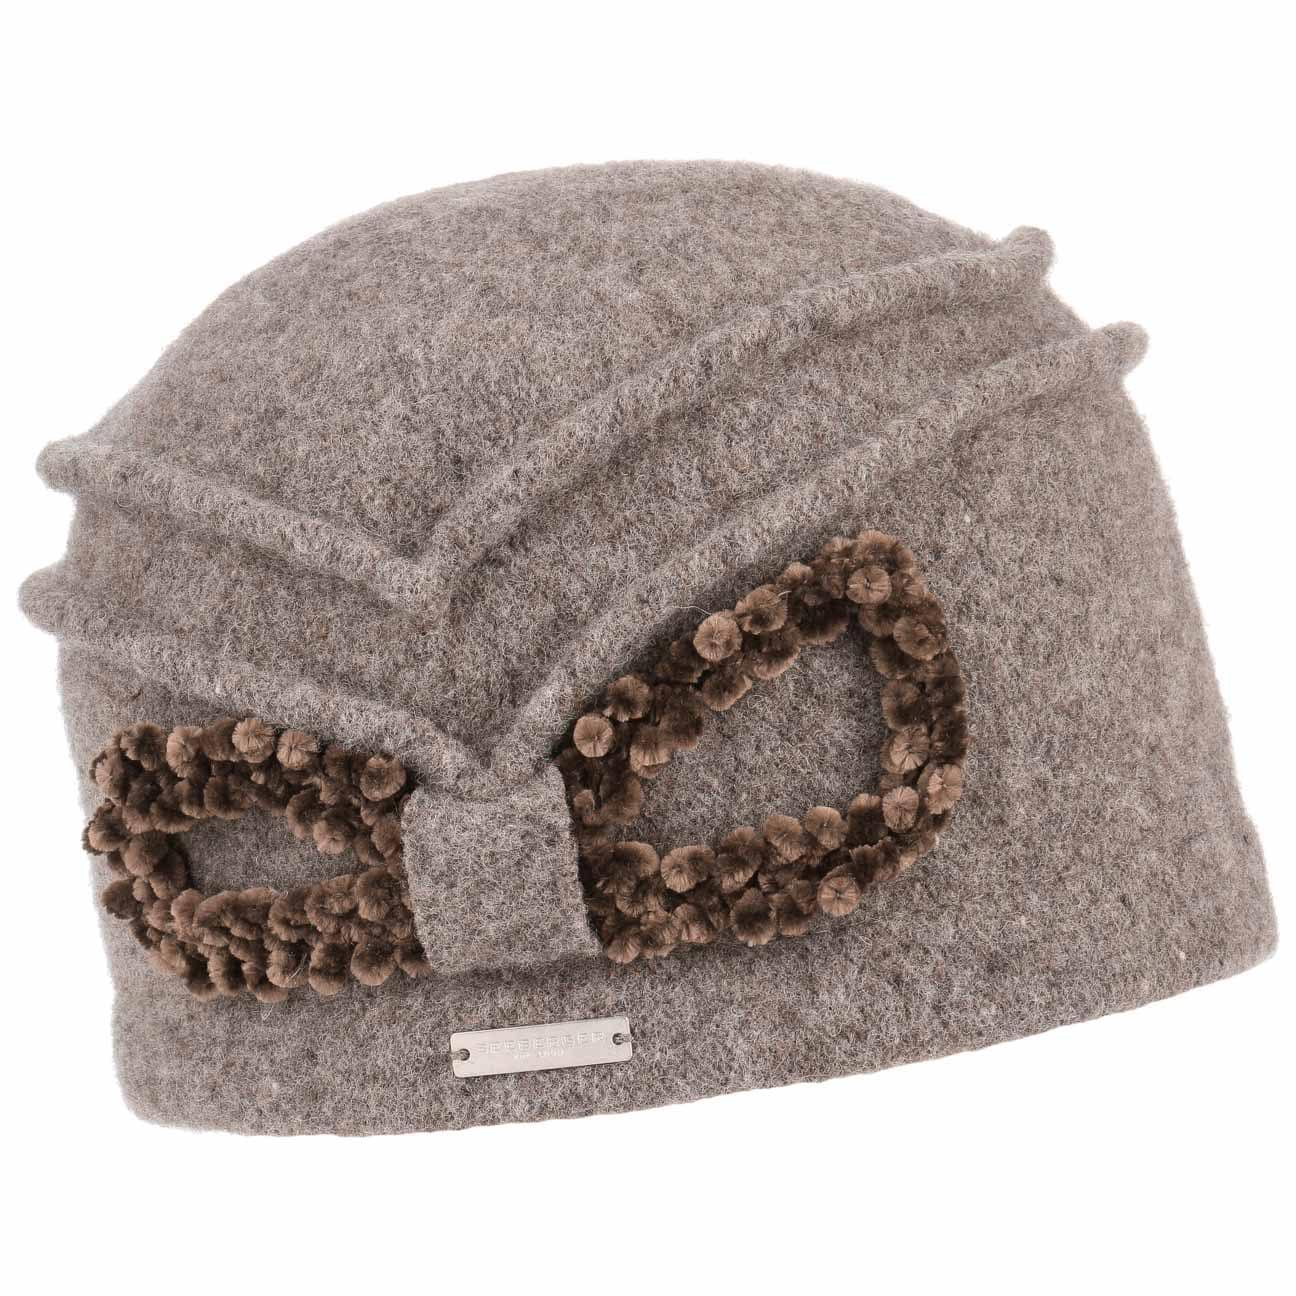 Bonnet en Laine Foulée Chenille by Seeberger  bonnet pour femme